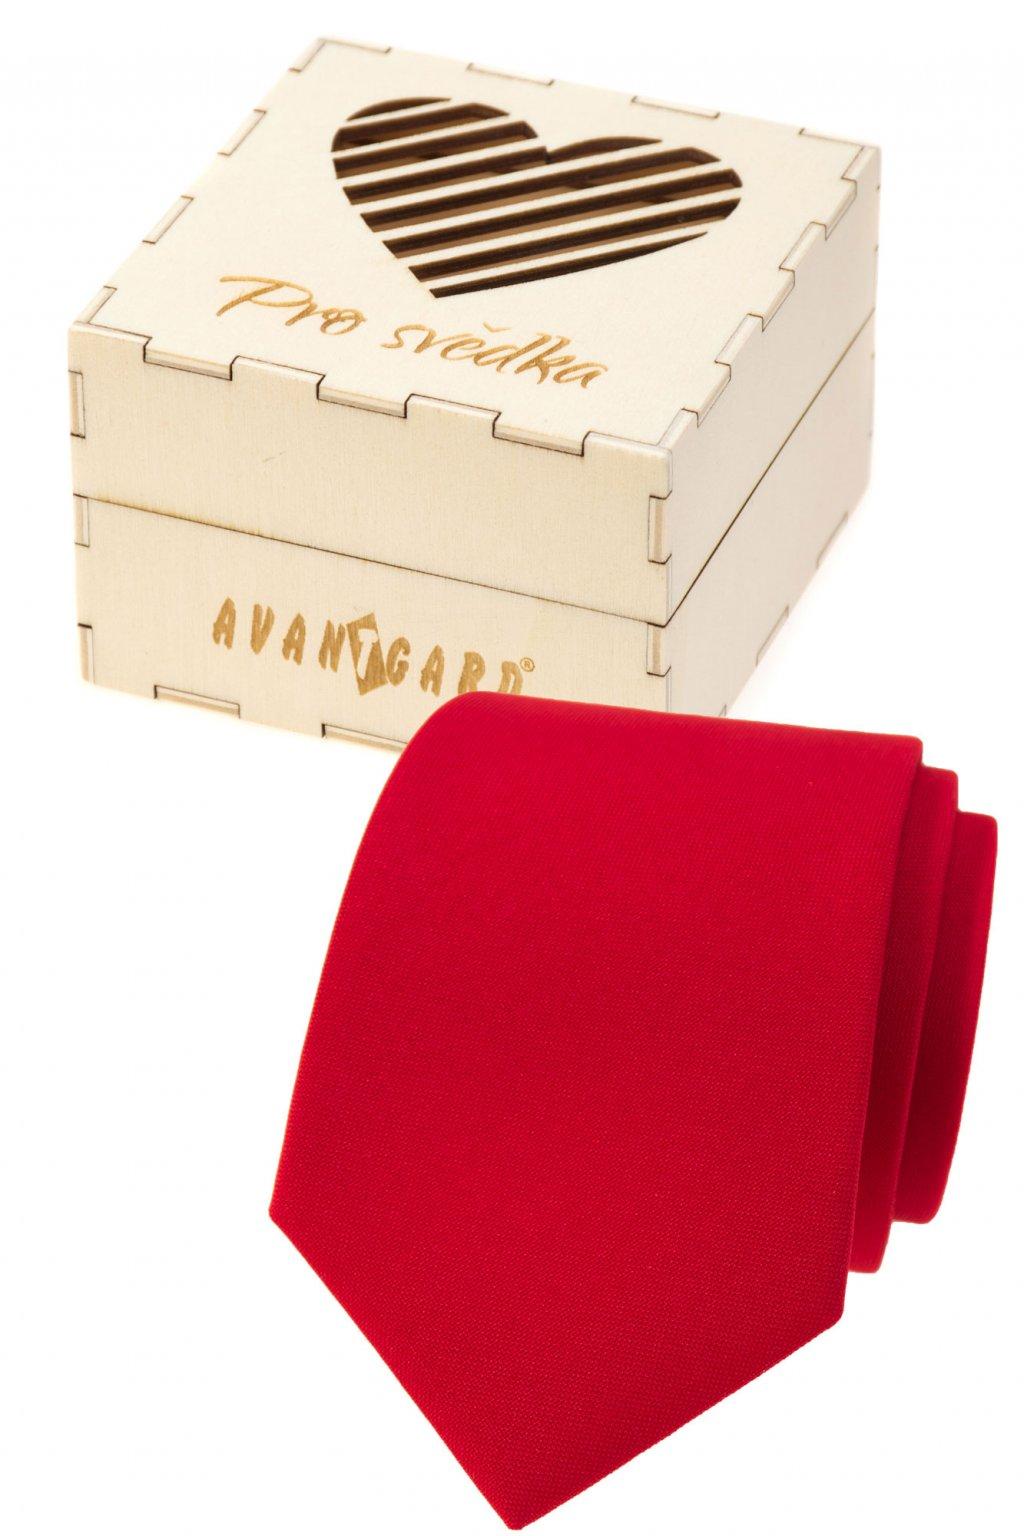 Dárkový set Pro svědka - Kravata LUX v dárkové dřevěné krabičce s nápisem červená, přírodní dřevo 919 - 985721